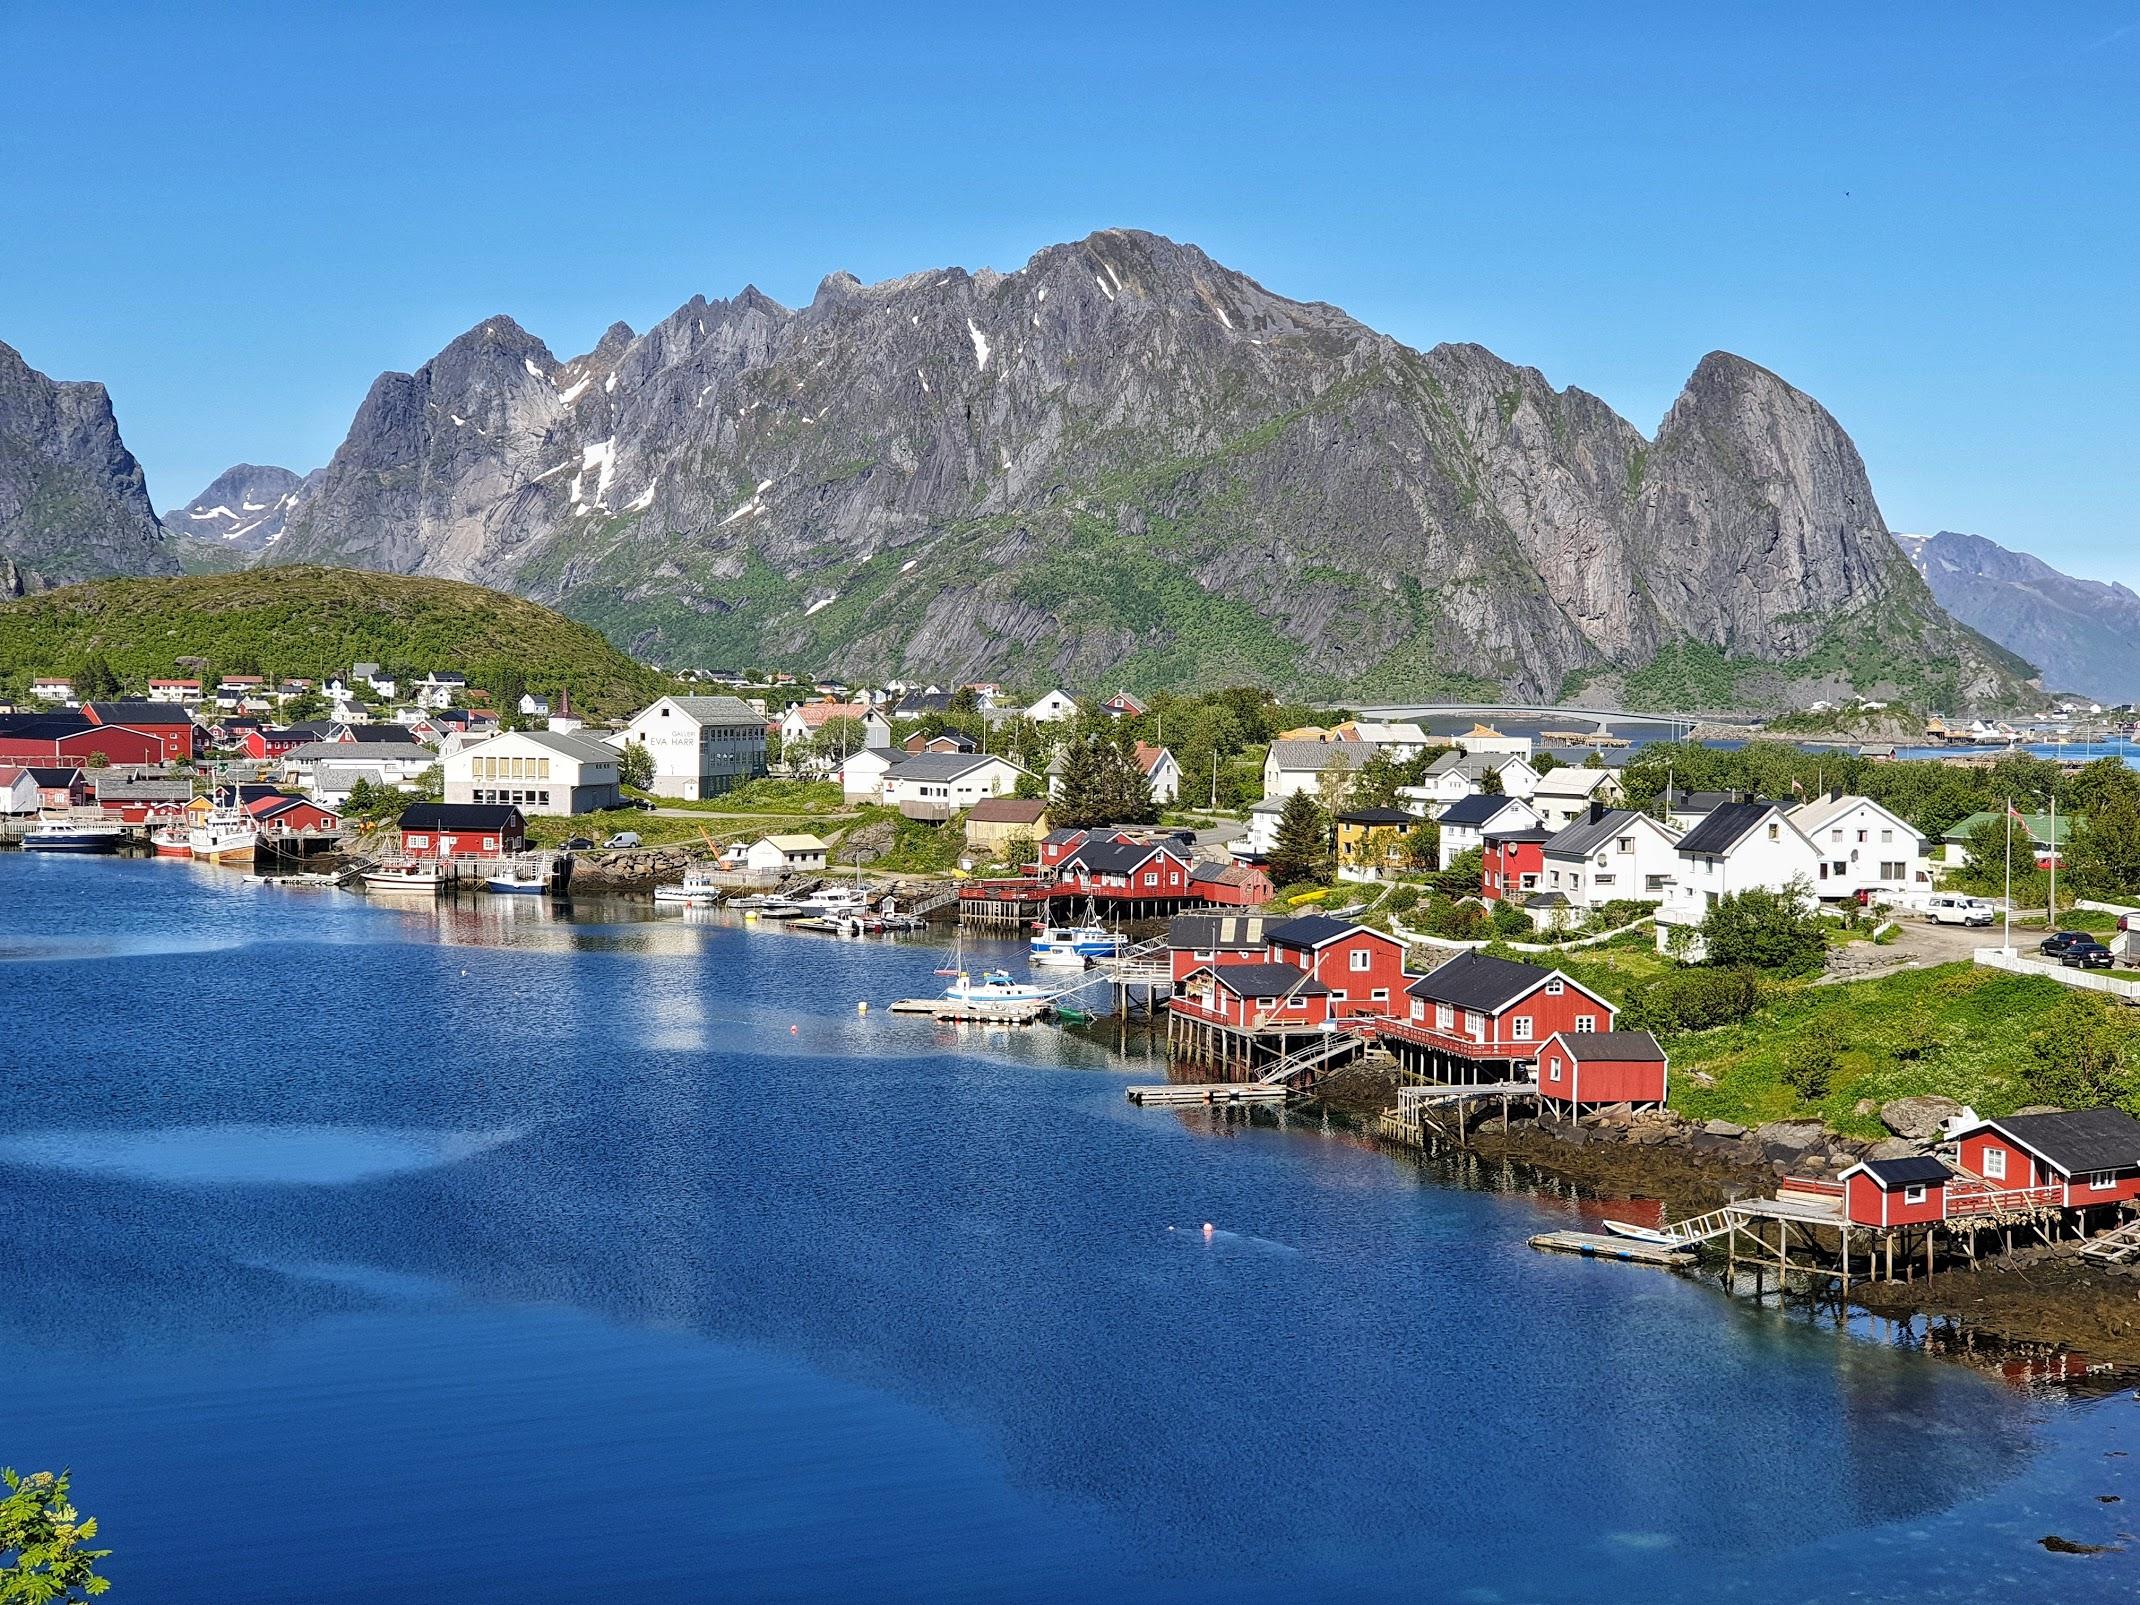 Заполярная Норвегия. Июнь 2019. Фотоотчет